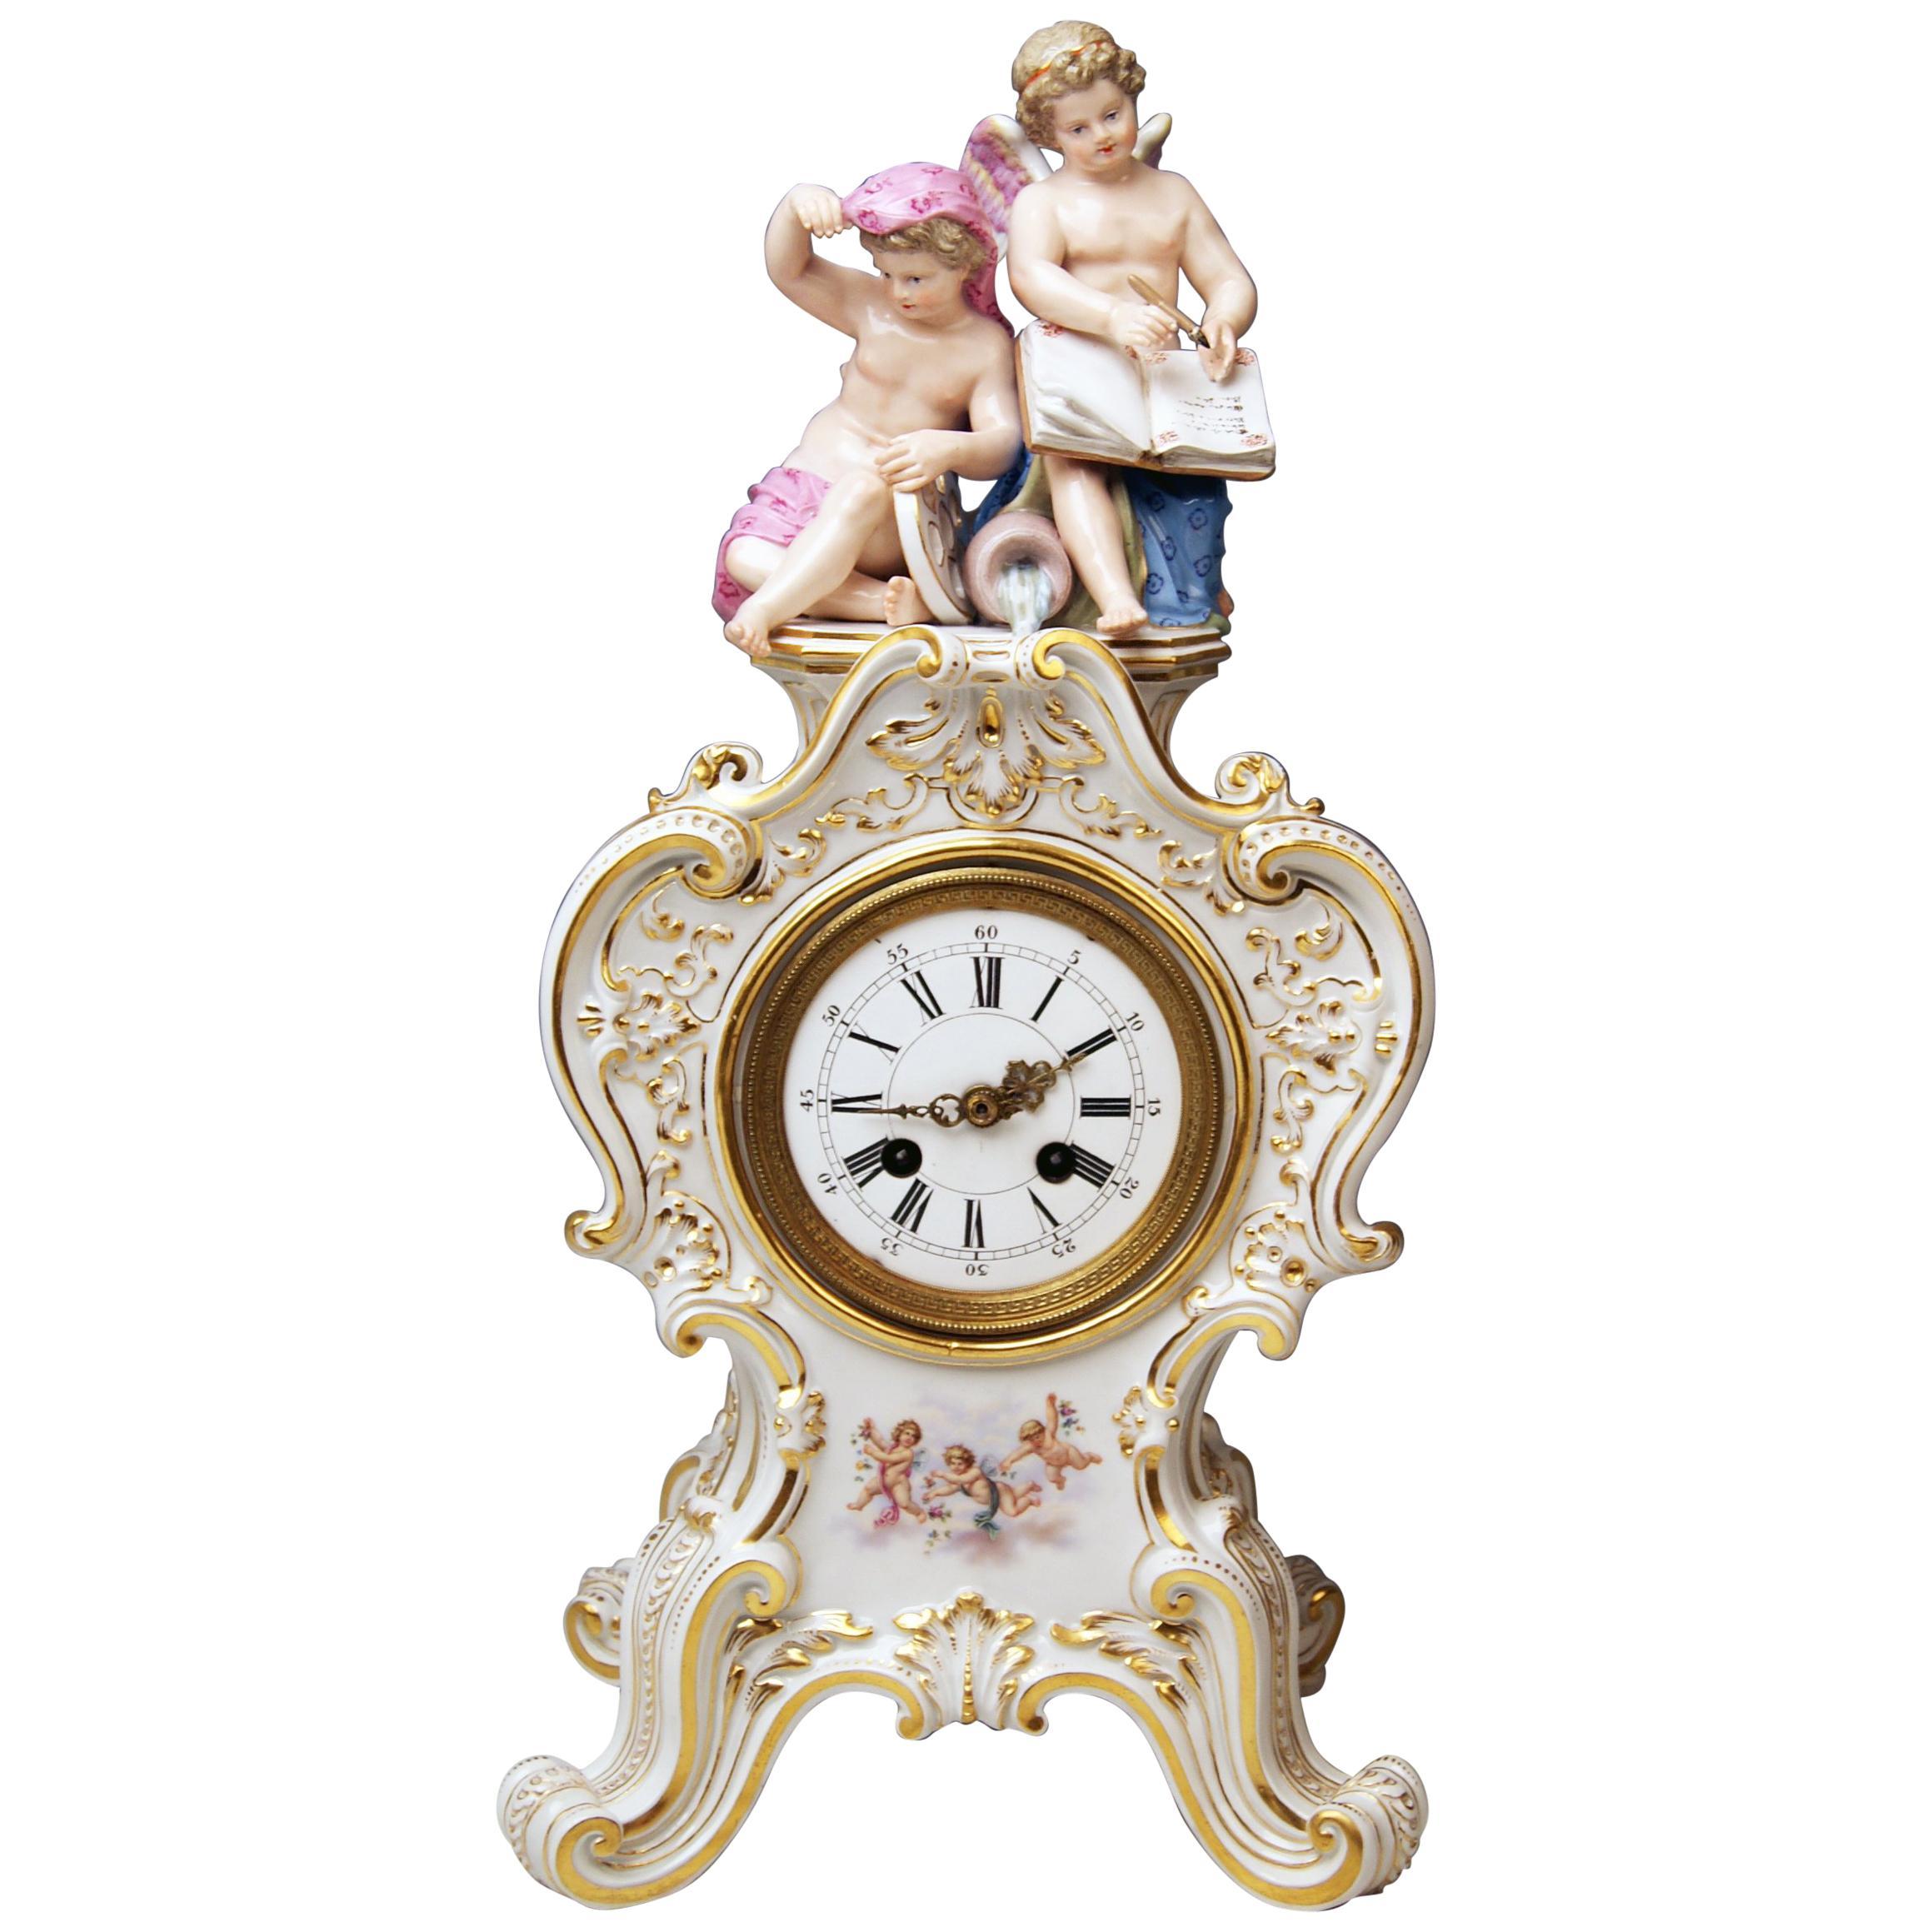 Meissen Mantle Table Clock Allegory of Water Ernst August Leuteritz, circa 1880